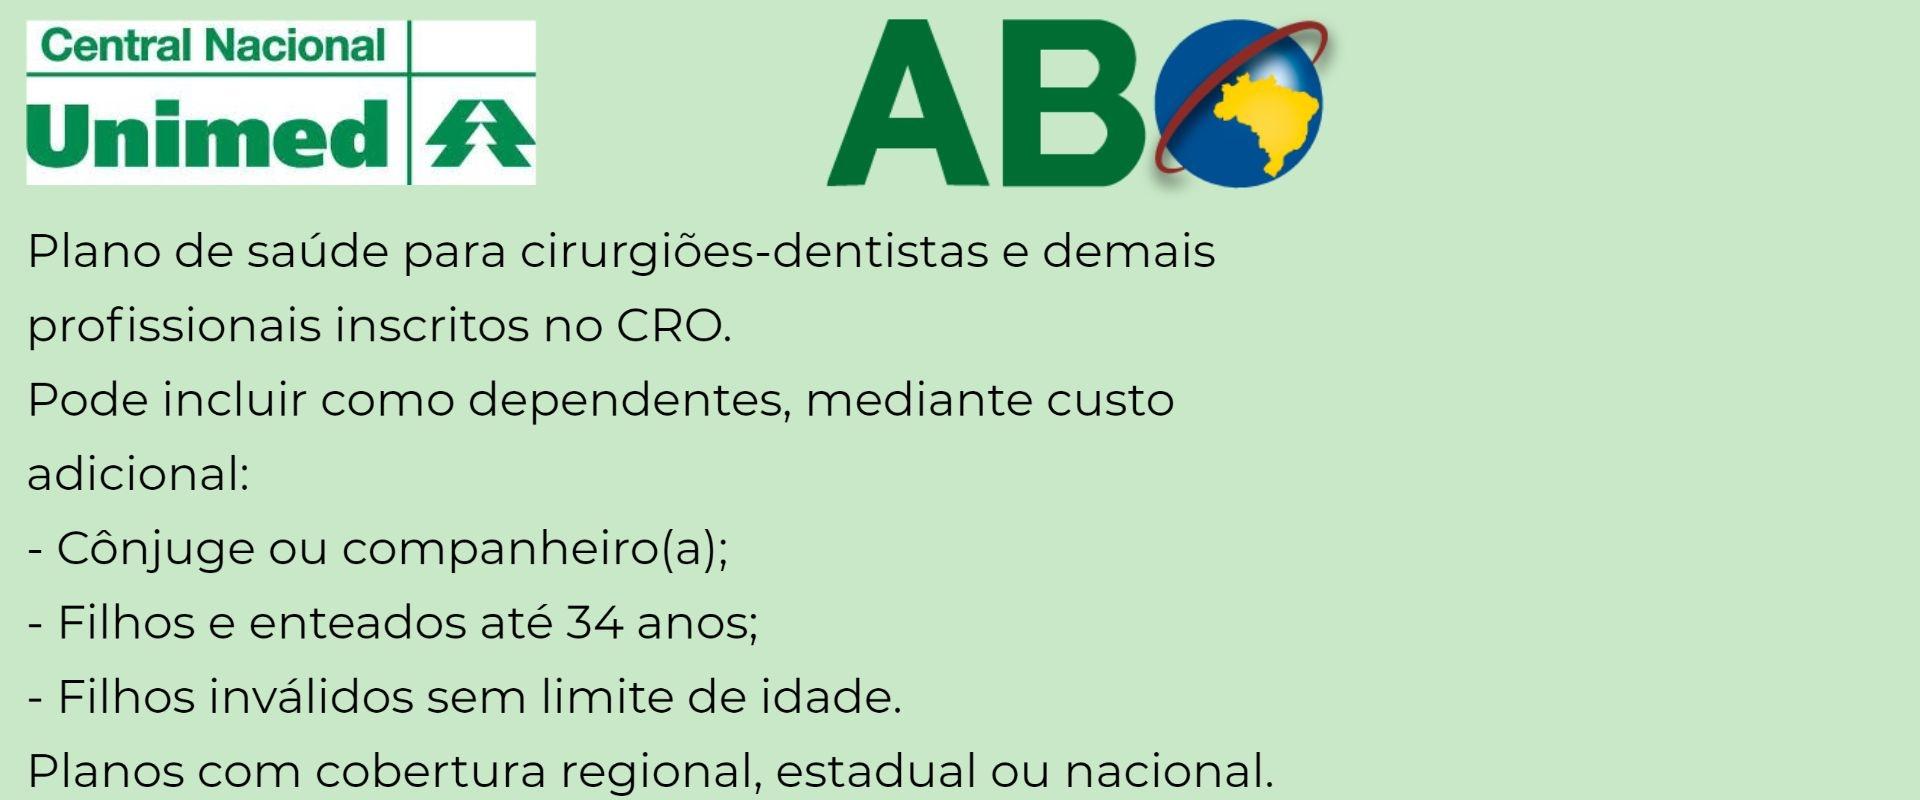 Unimed ABO Salvador-BA